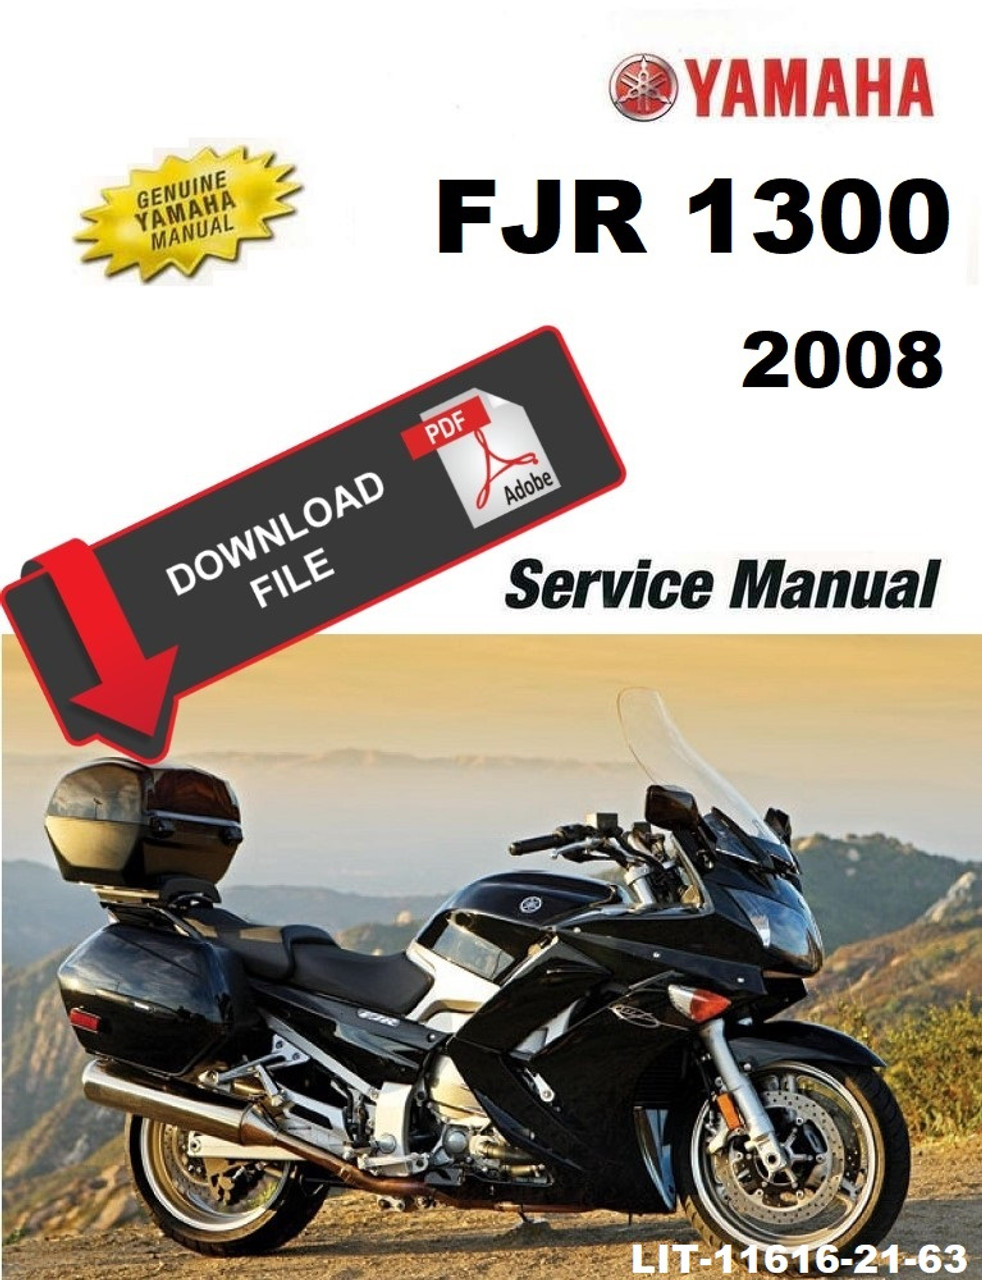 Yamaha 2008 Fjr1300 Service Manual